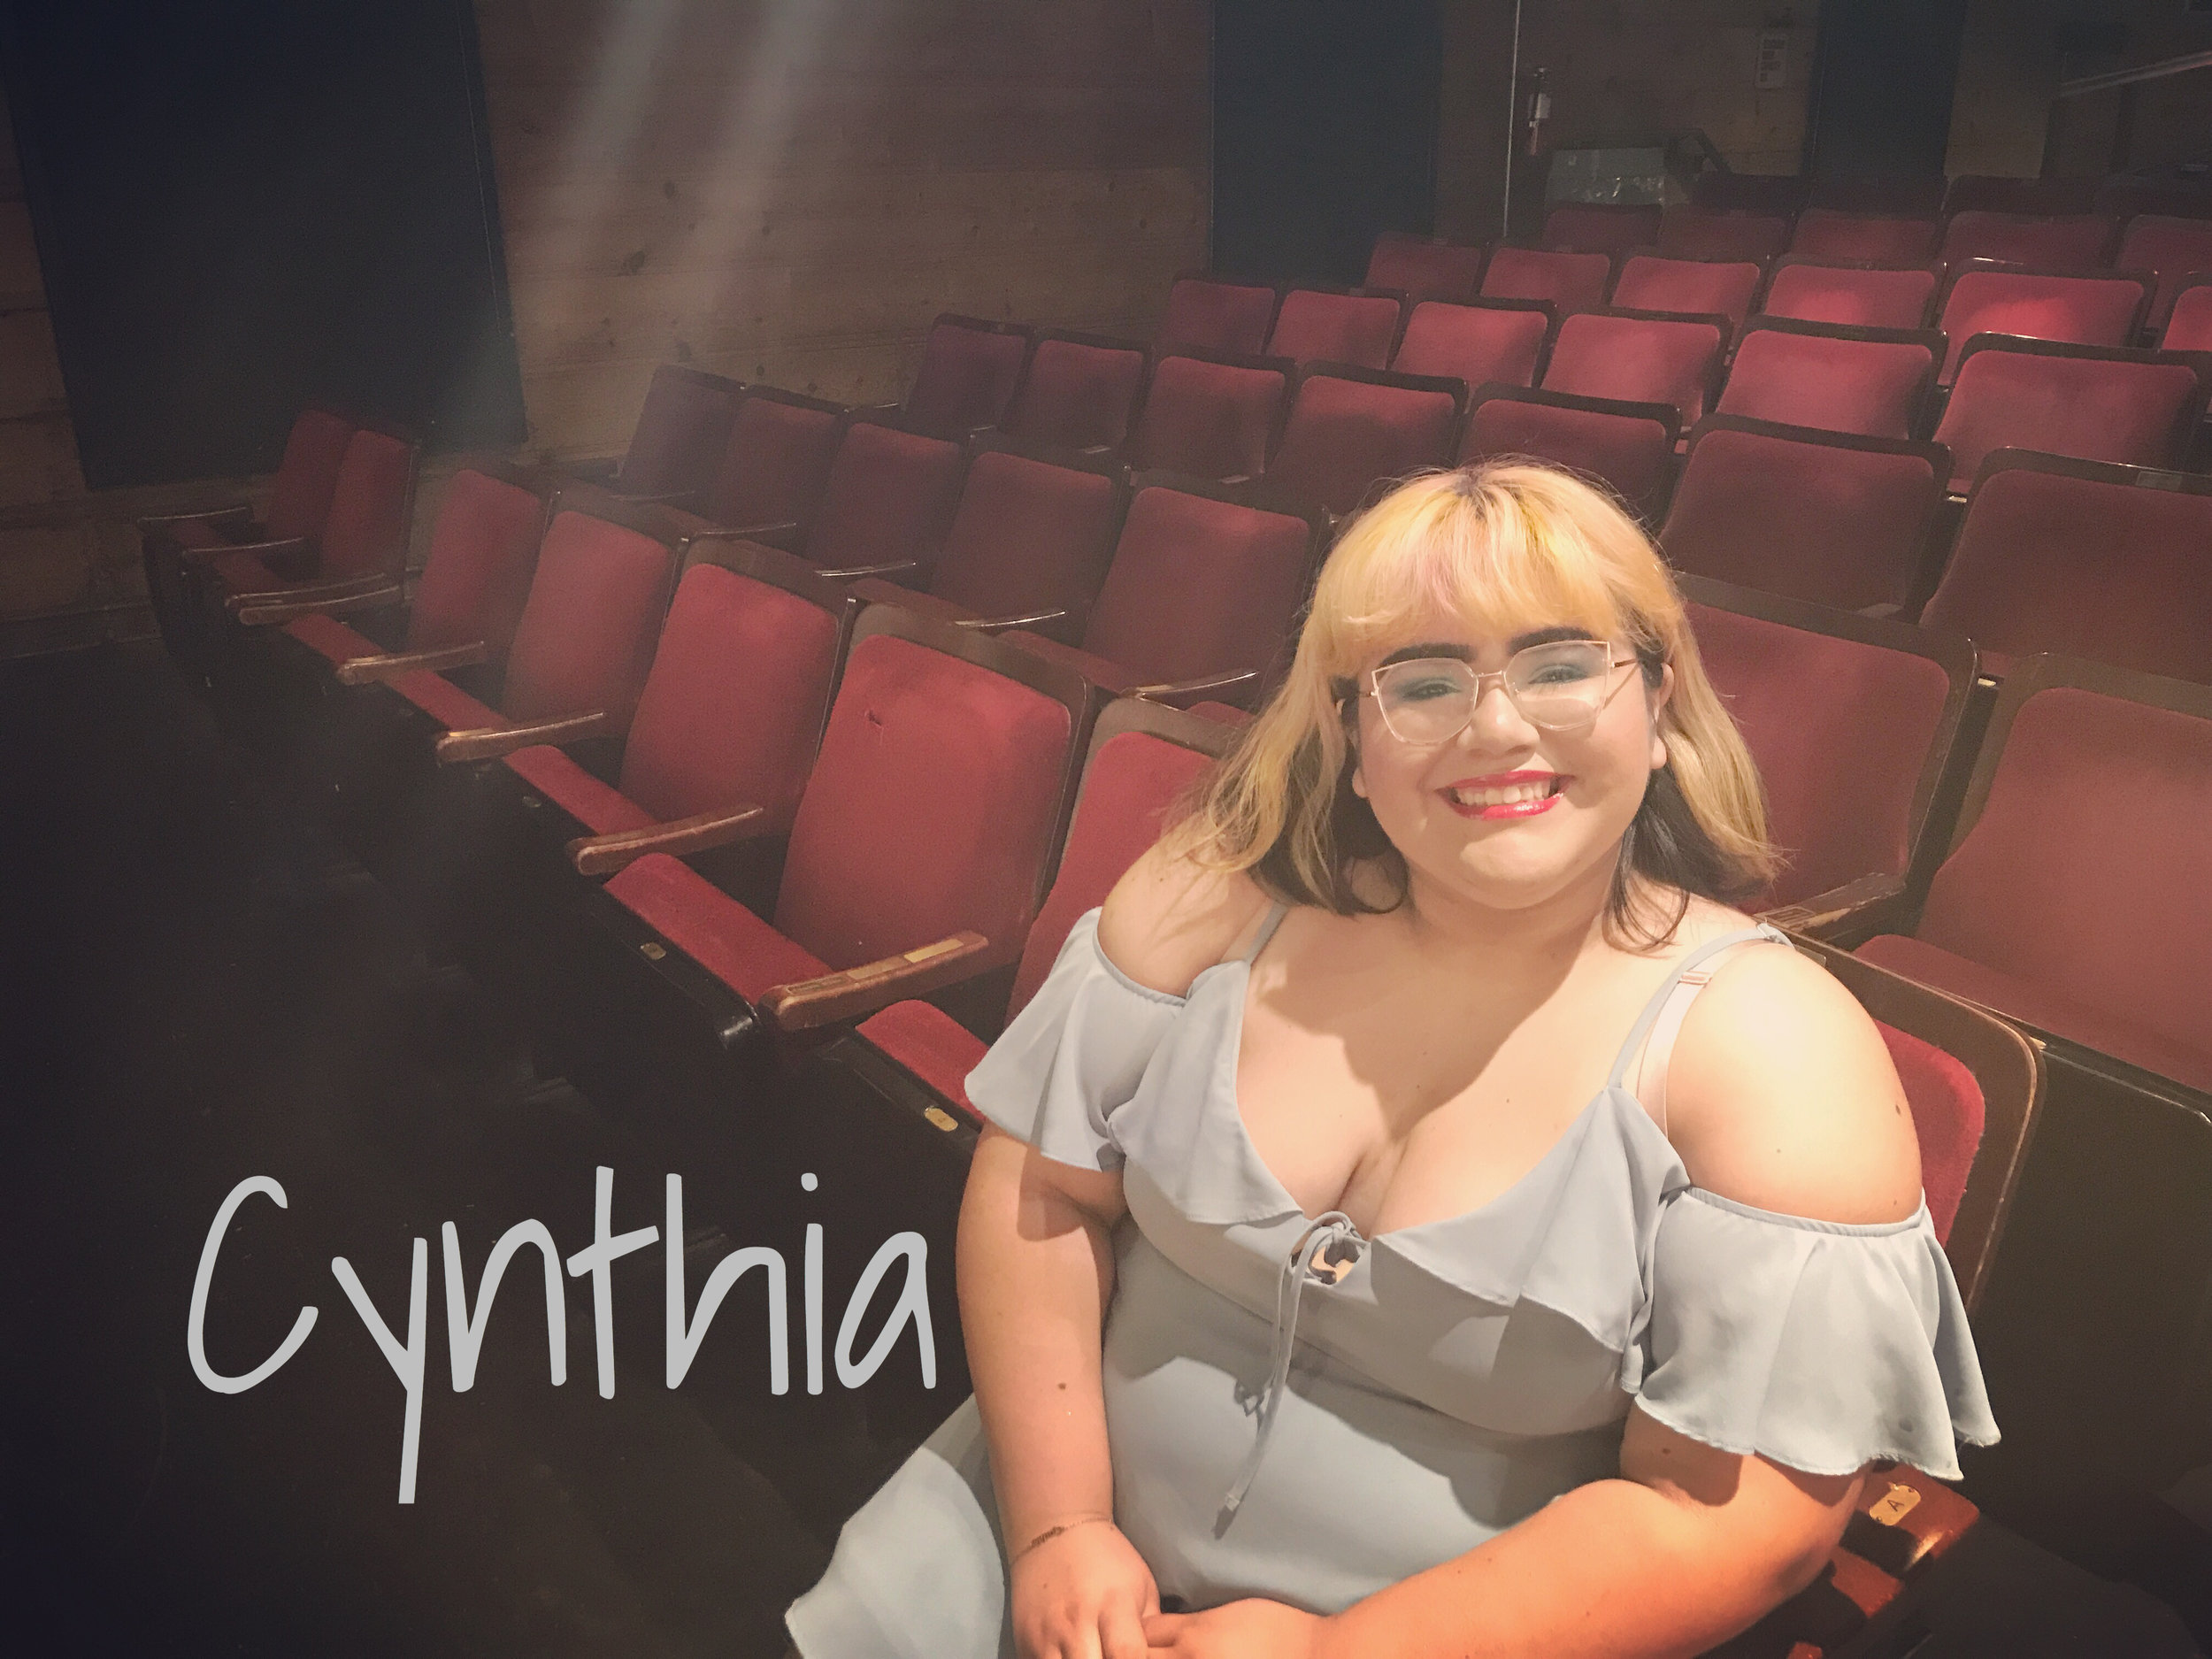 Cynthia -